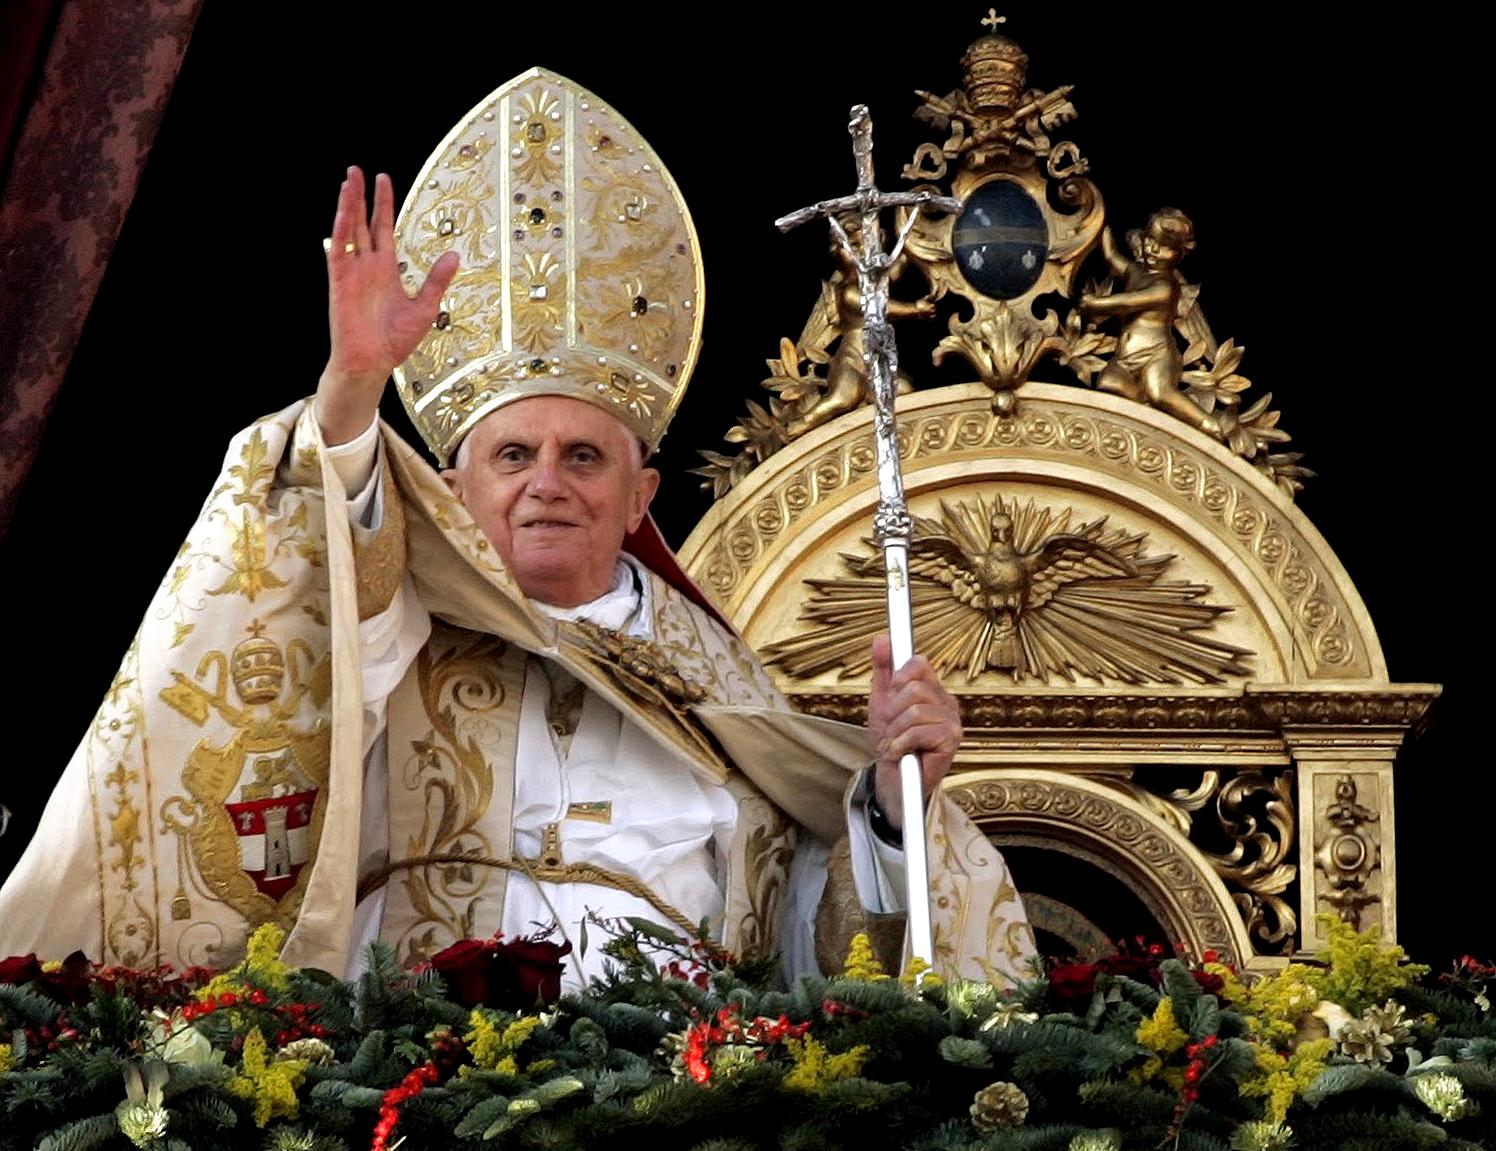 benedicto XVI castel gandolfo enciclicas oraciones exhortaciones apostolicas krouillong sacrilegio comunion en la mano 67